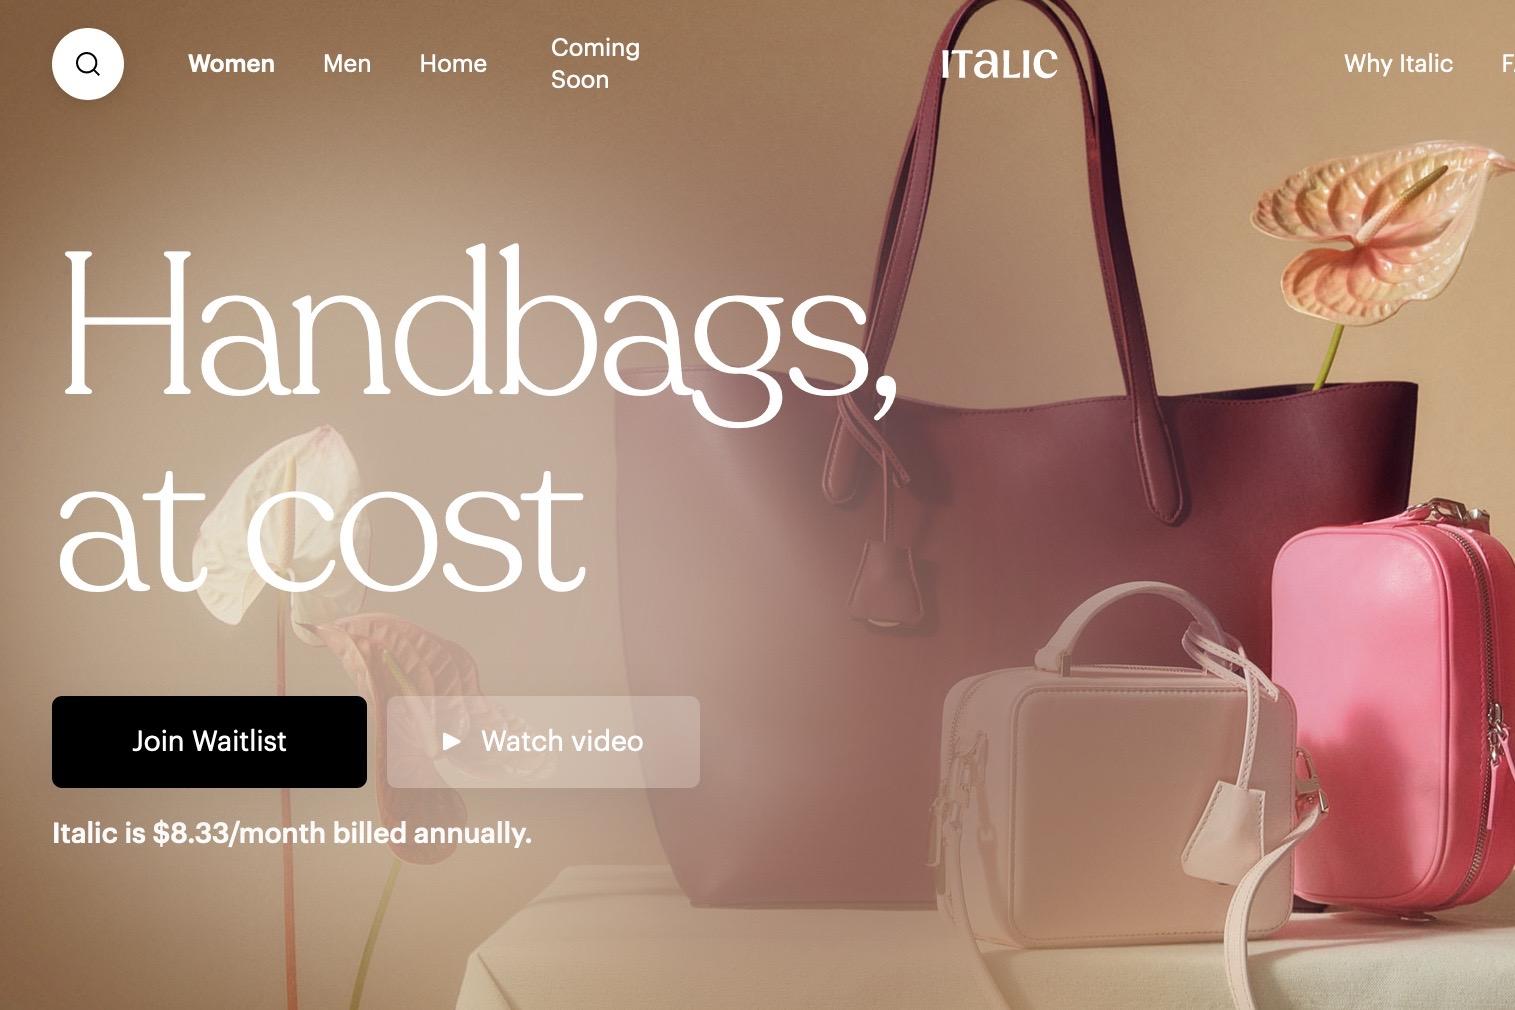 如何打造新一代DTC奢侈品牌?洛杉矶创业公司 Italic 从会员制电商入手